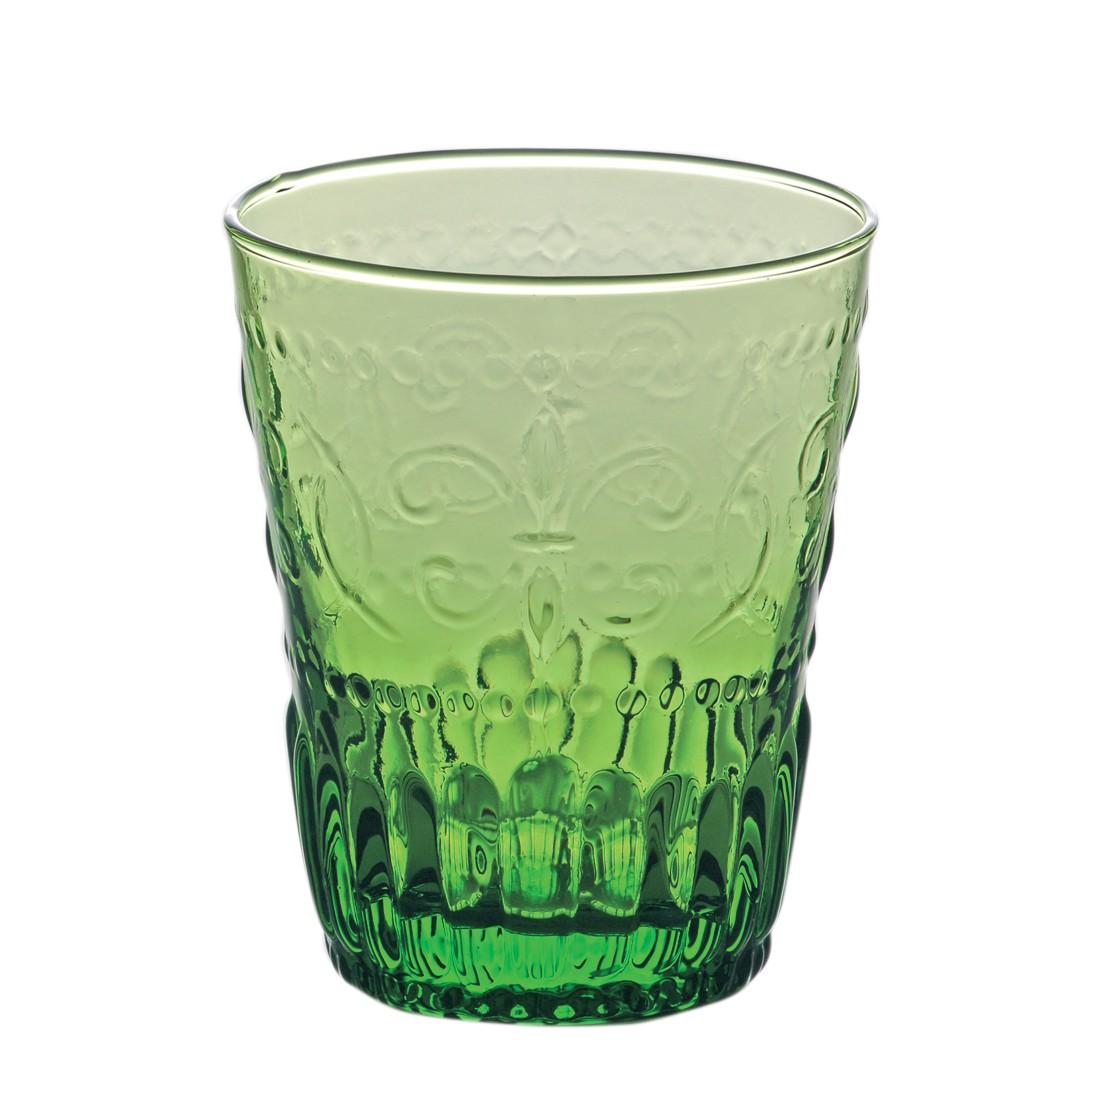 Trinkglas Firenze (6er-Set) – Glas – Dunkelgrün, BITOSSI HOME günstig kaufen